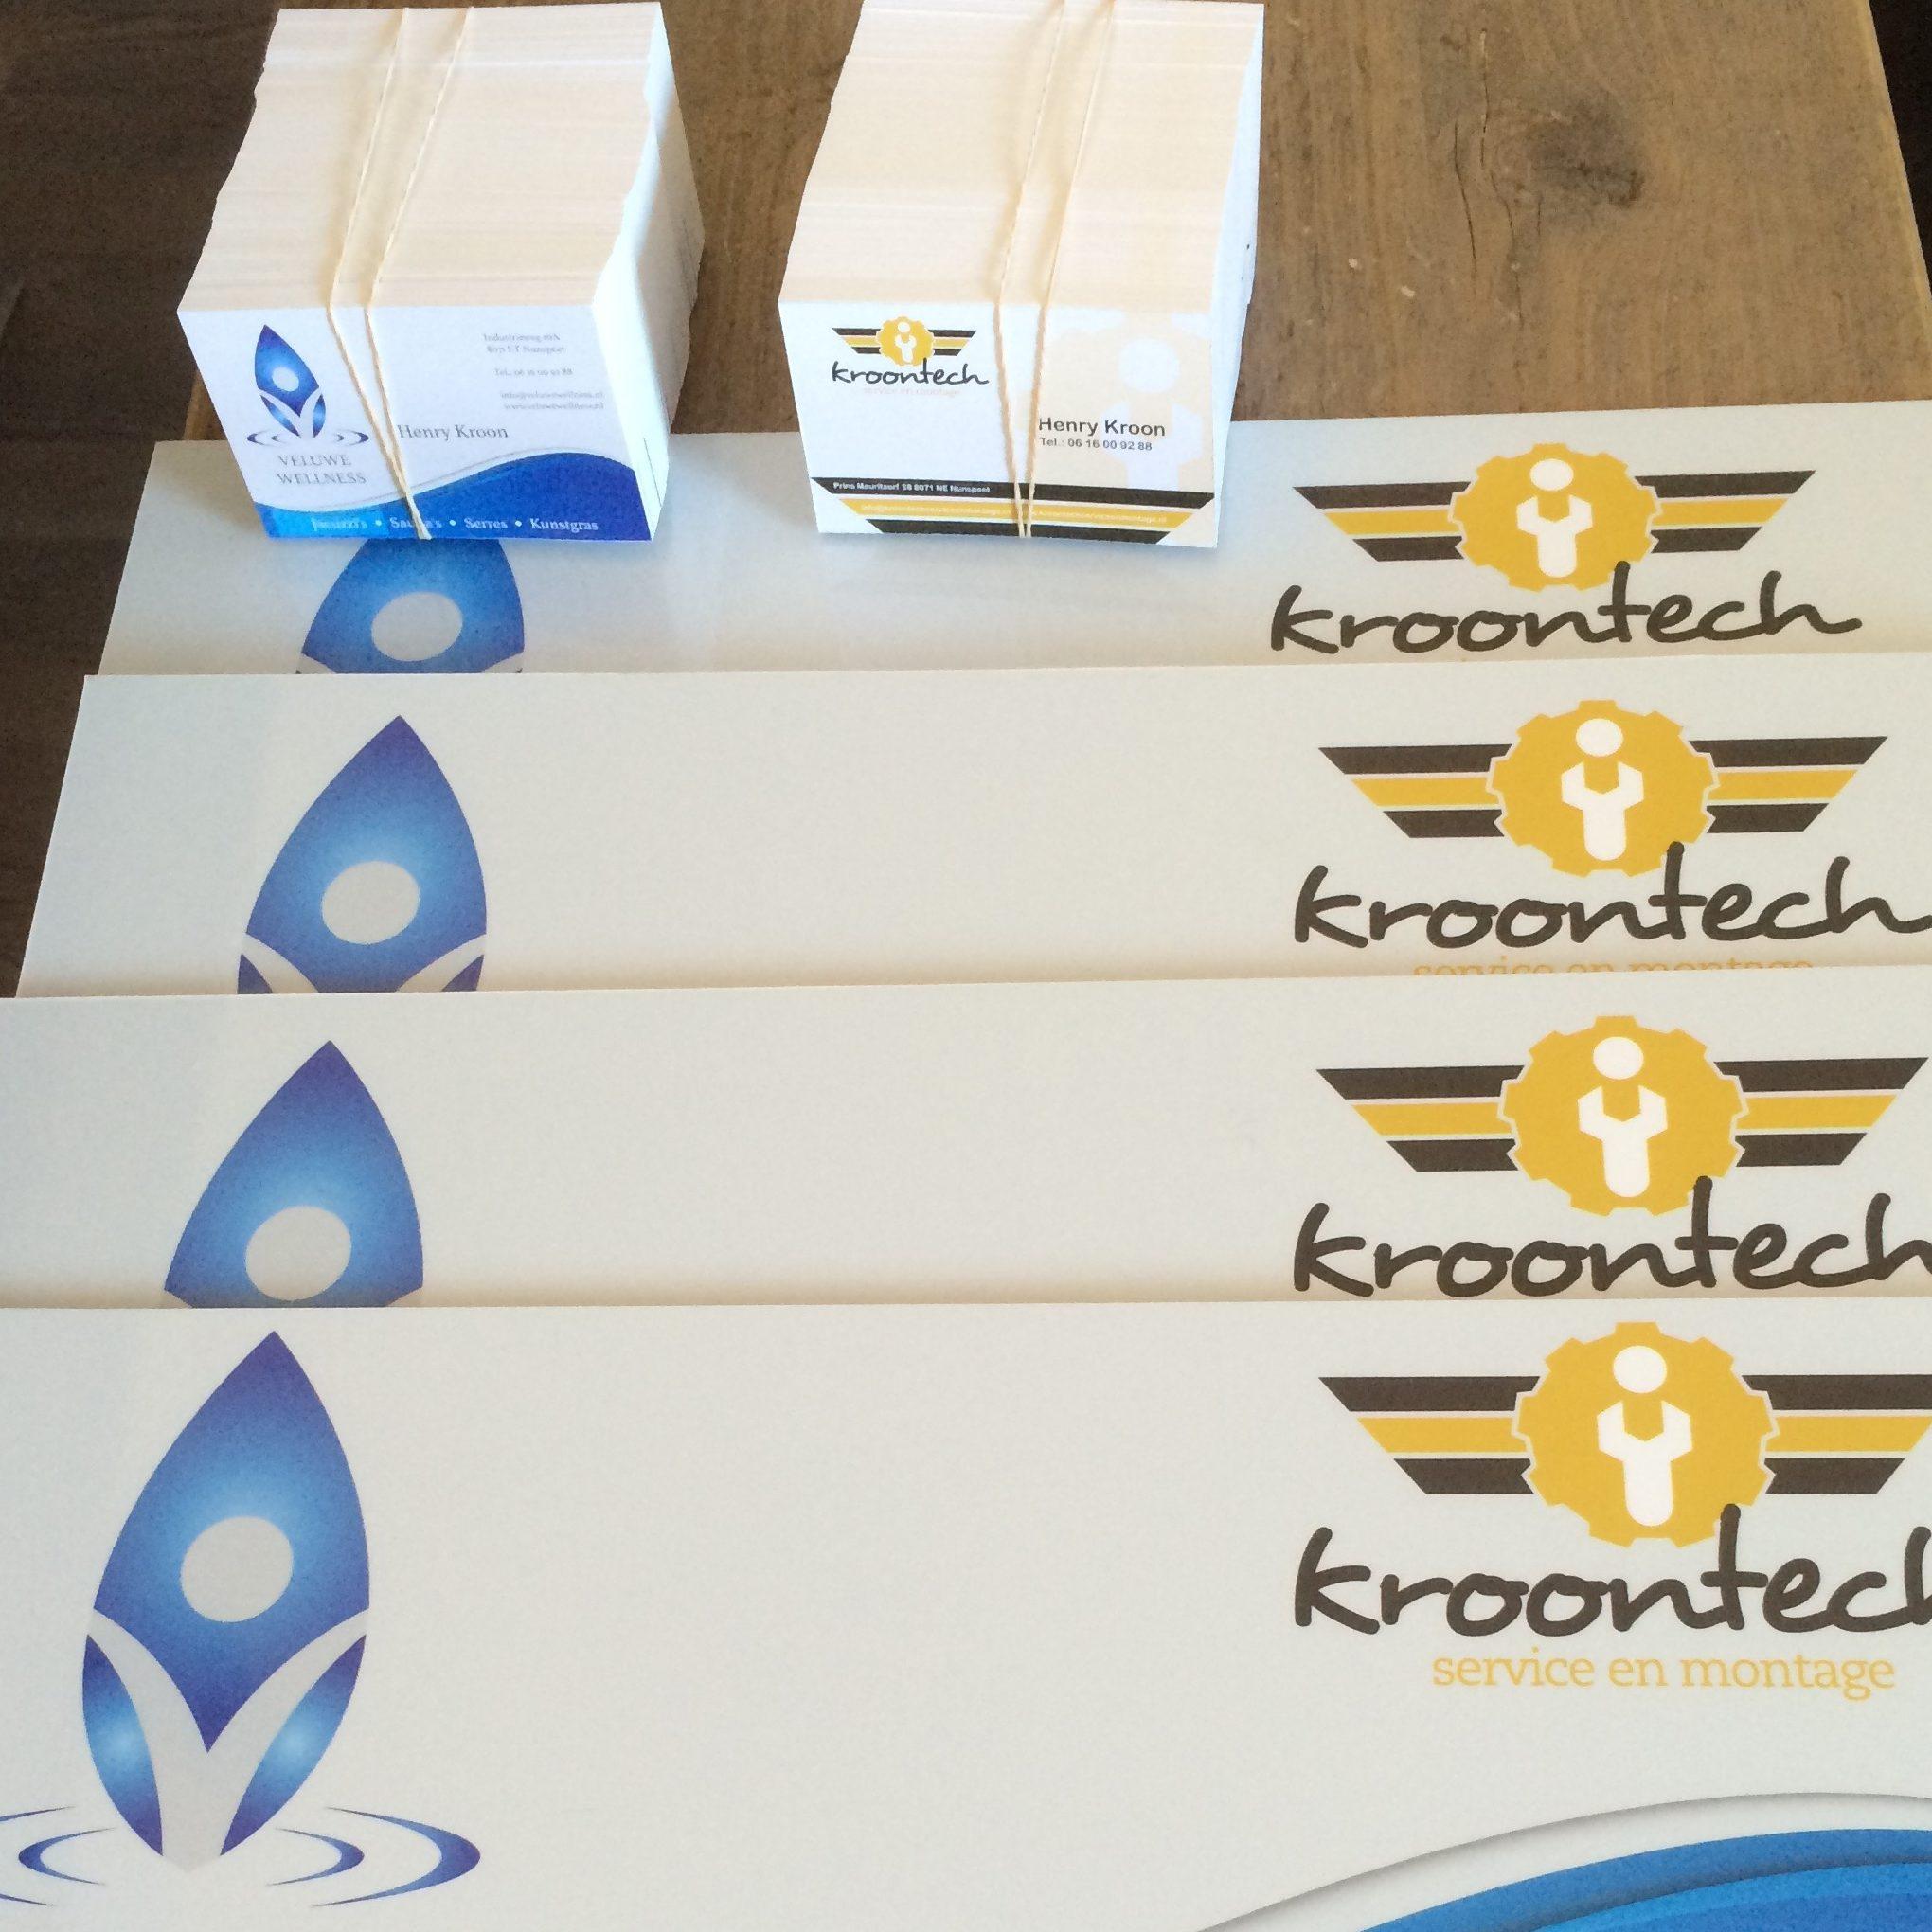 Huisstijl voor Kroontech. Enveloppen en visitekaartjes